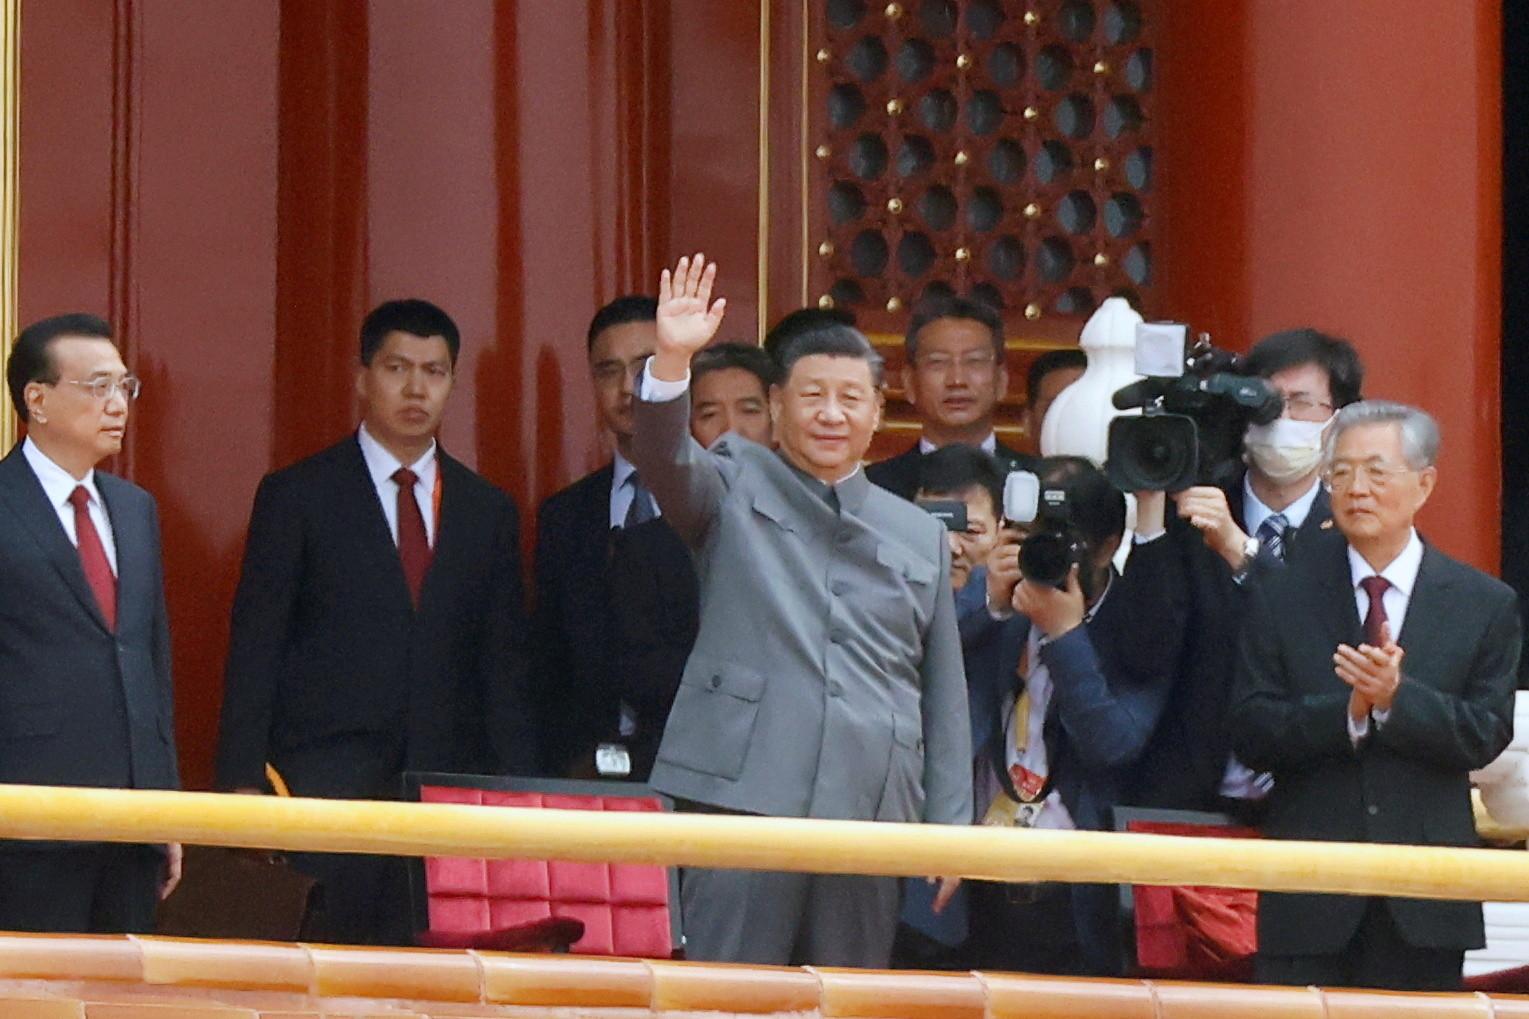 中共,黨慶,習近平,歷史定位,毛澤東,鄧小平,胡錦濤,江澤民,意識形態,穩定壓倒一切,和平演變,兩個一百,韜光養晦,中國模式,中國夢